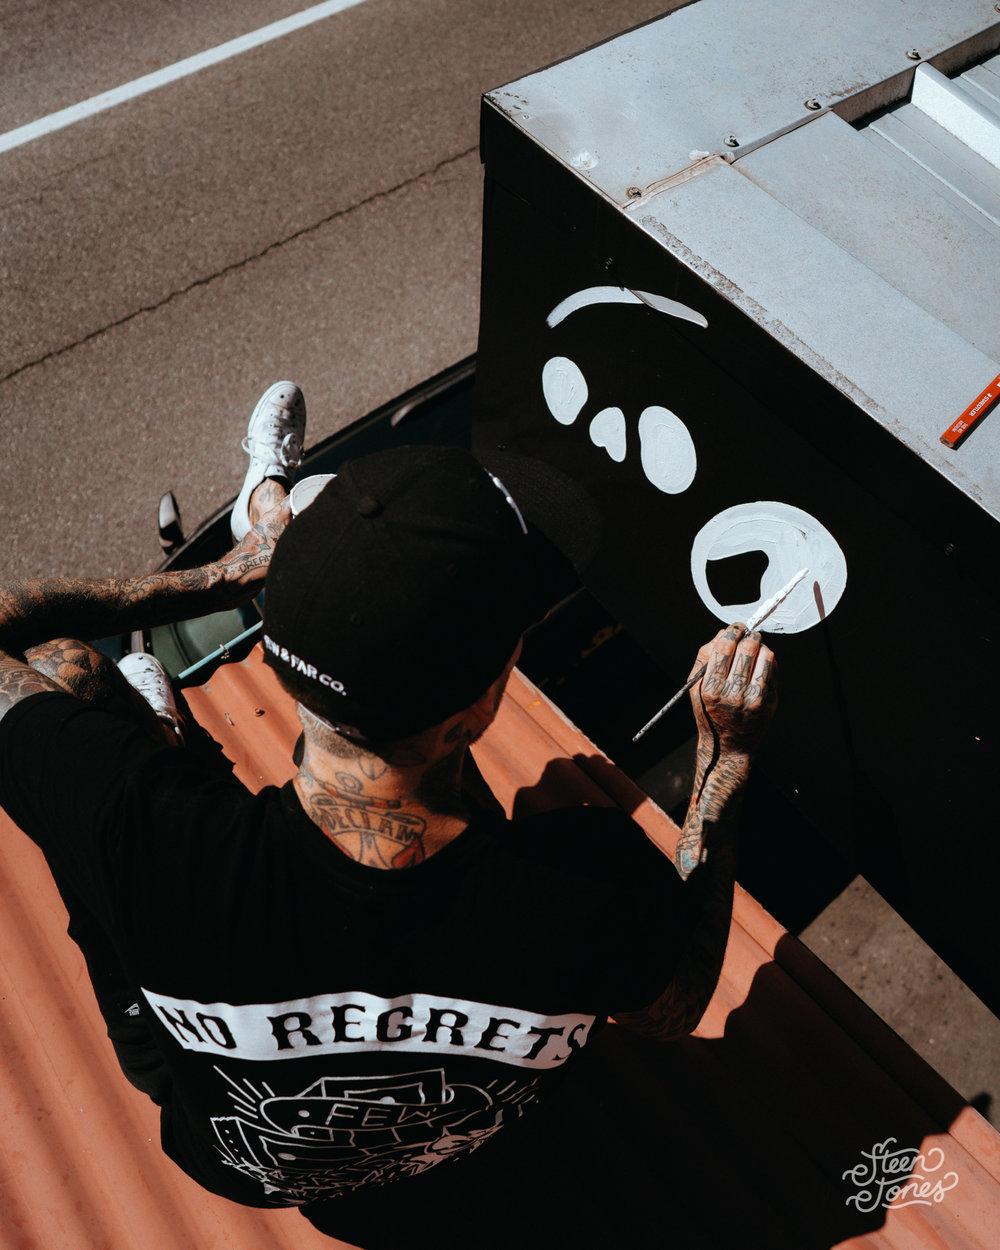 Steen-Jones-Deathproof-Misc-08.jpg